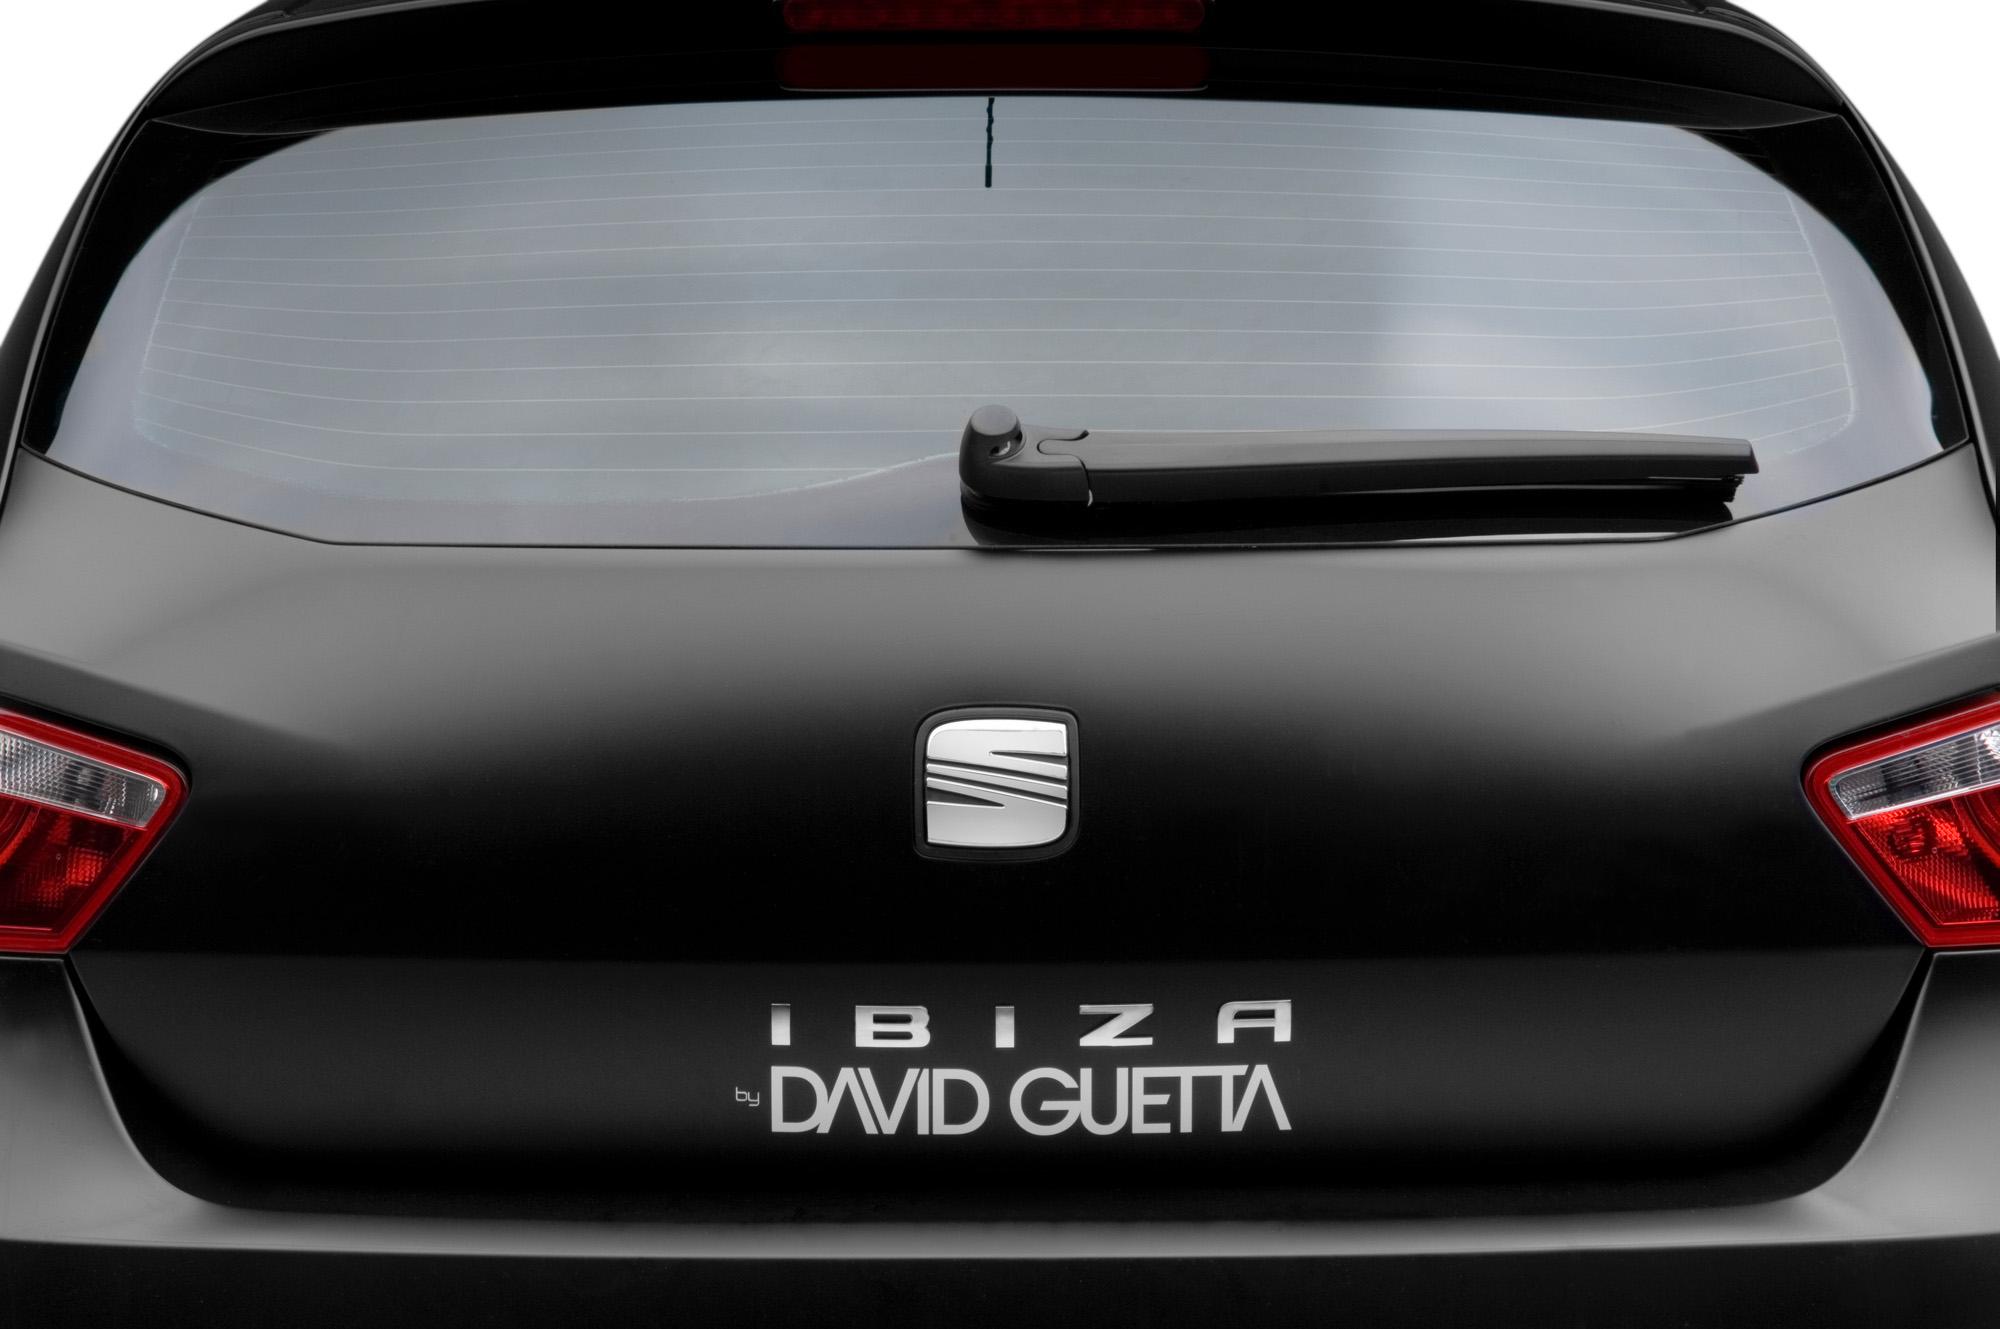 Seat Ibiza SC David Guetta : à